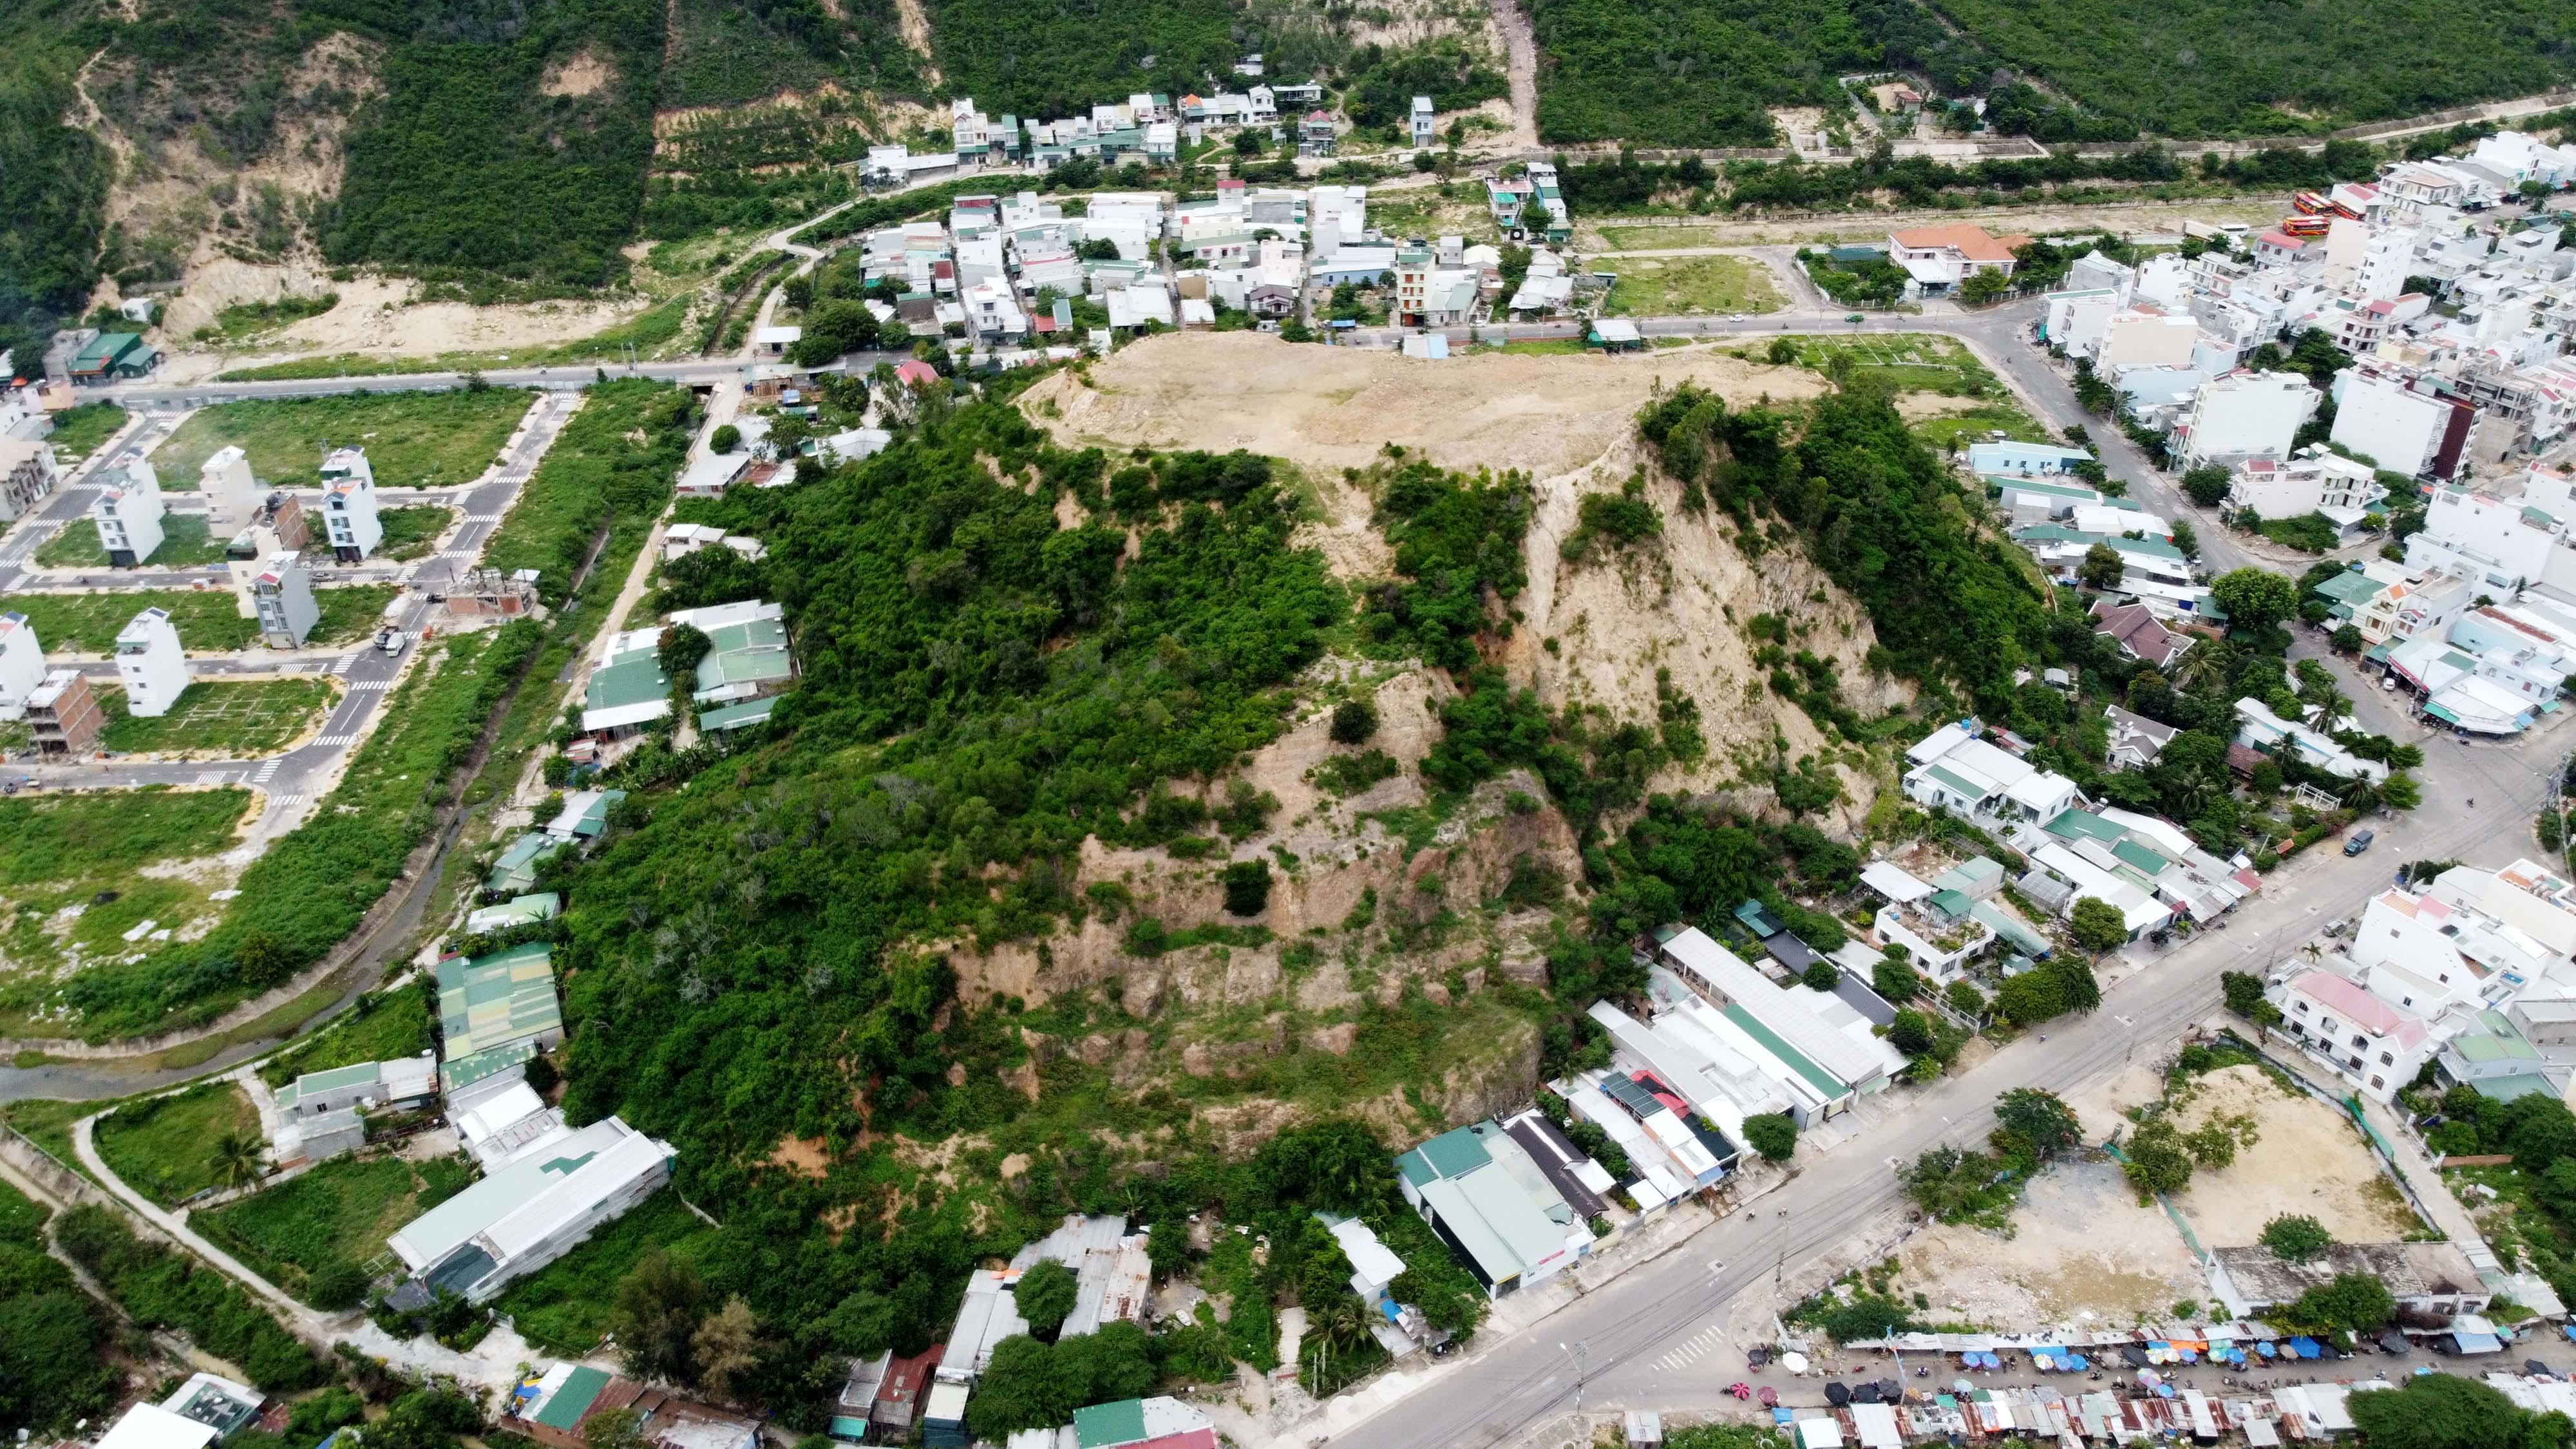 Khánh Hòa: Đề nghị chấm dứt dự án cạo trọc núi uy hiếp người dân mùa mưa bão - Ảnh 4.